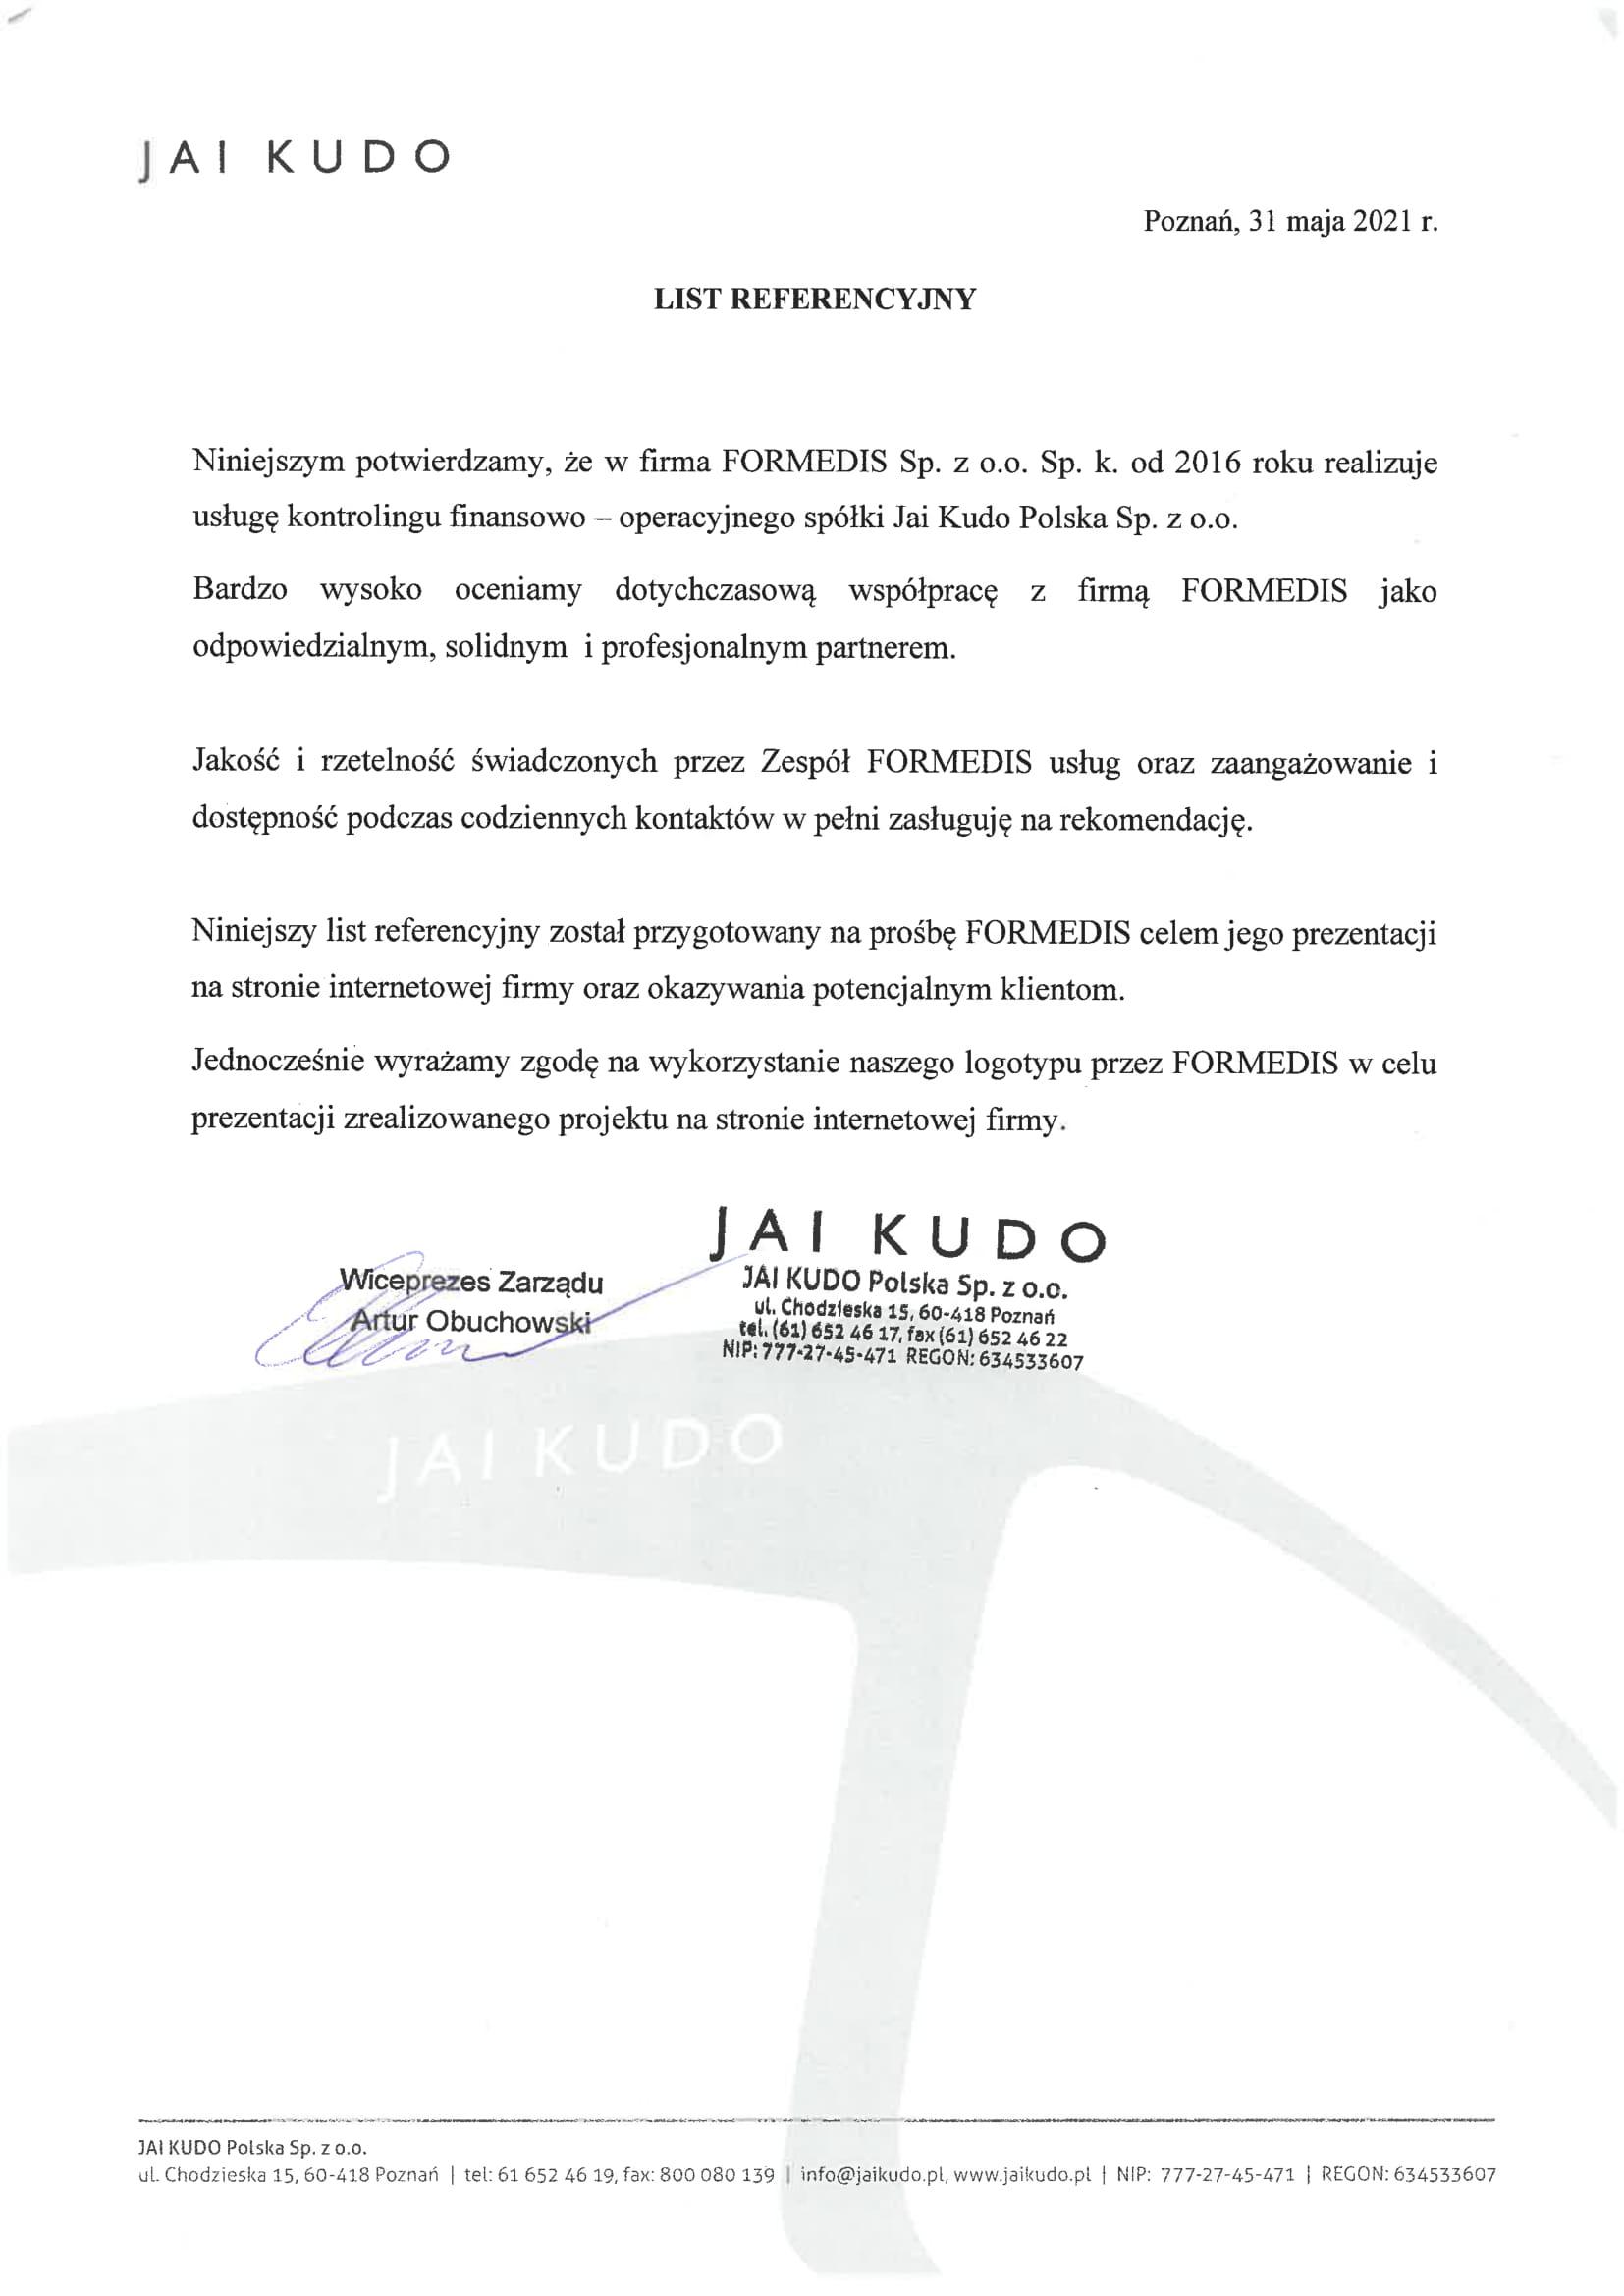 list Referencyjny JAI KUDO-1